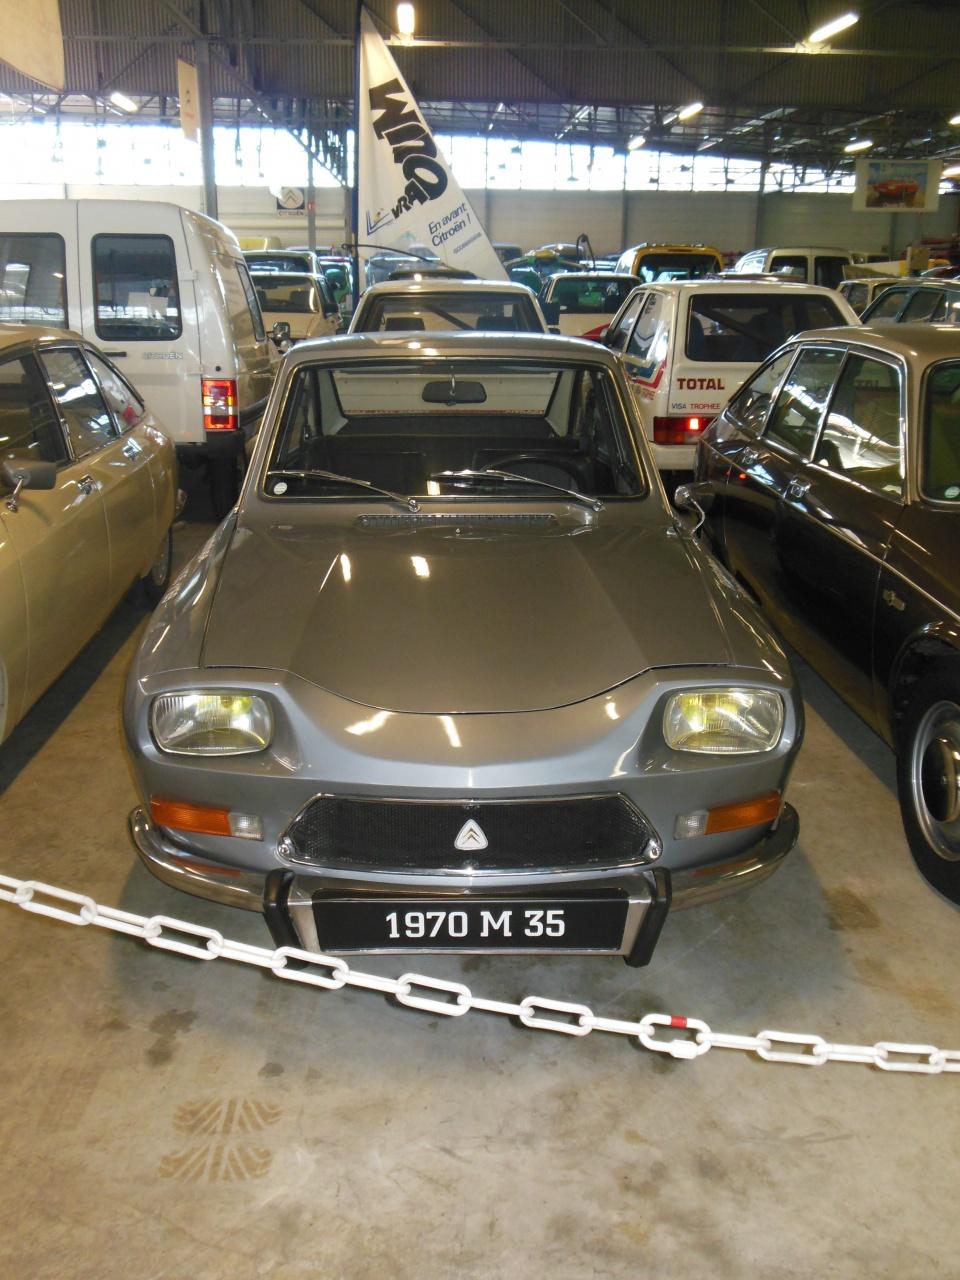 Dscn1648 conservatoire citro n galerie garage auto for Garage volkswagen la teste